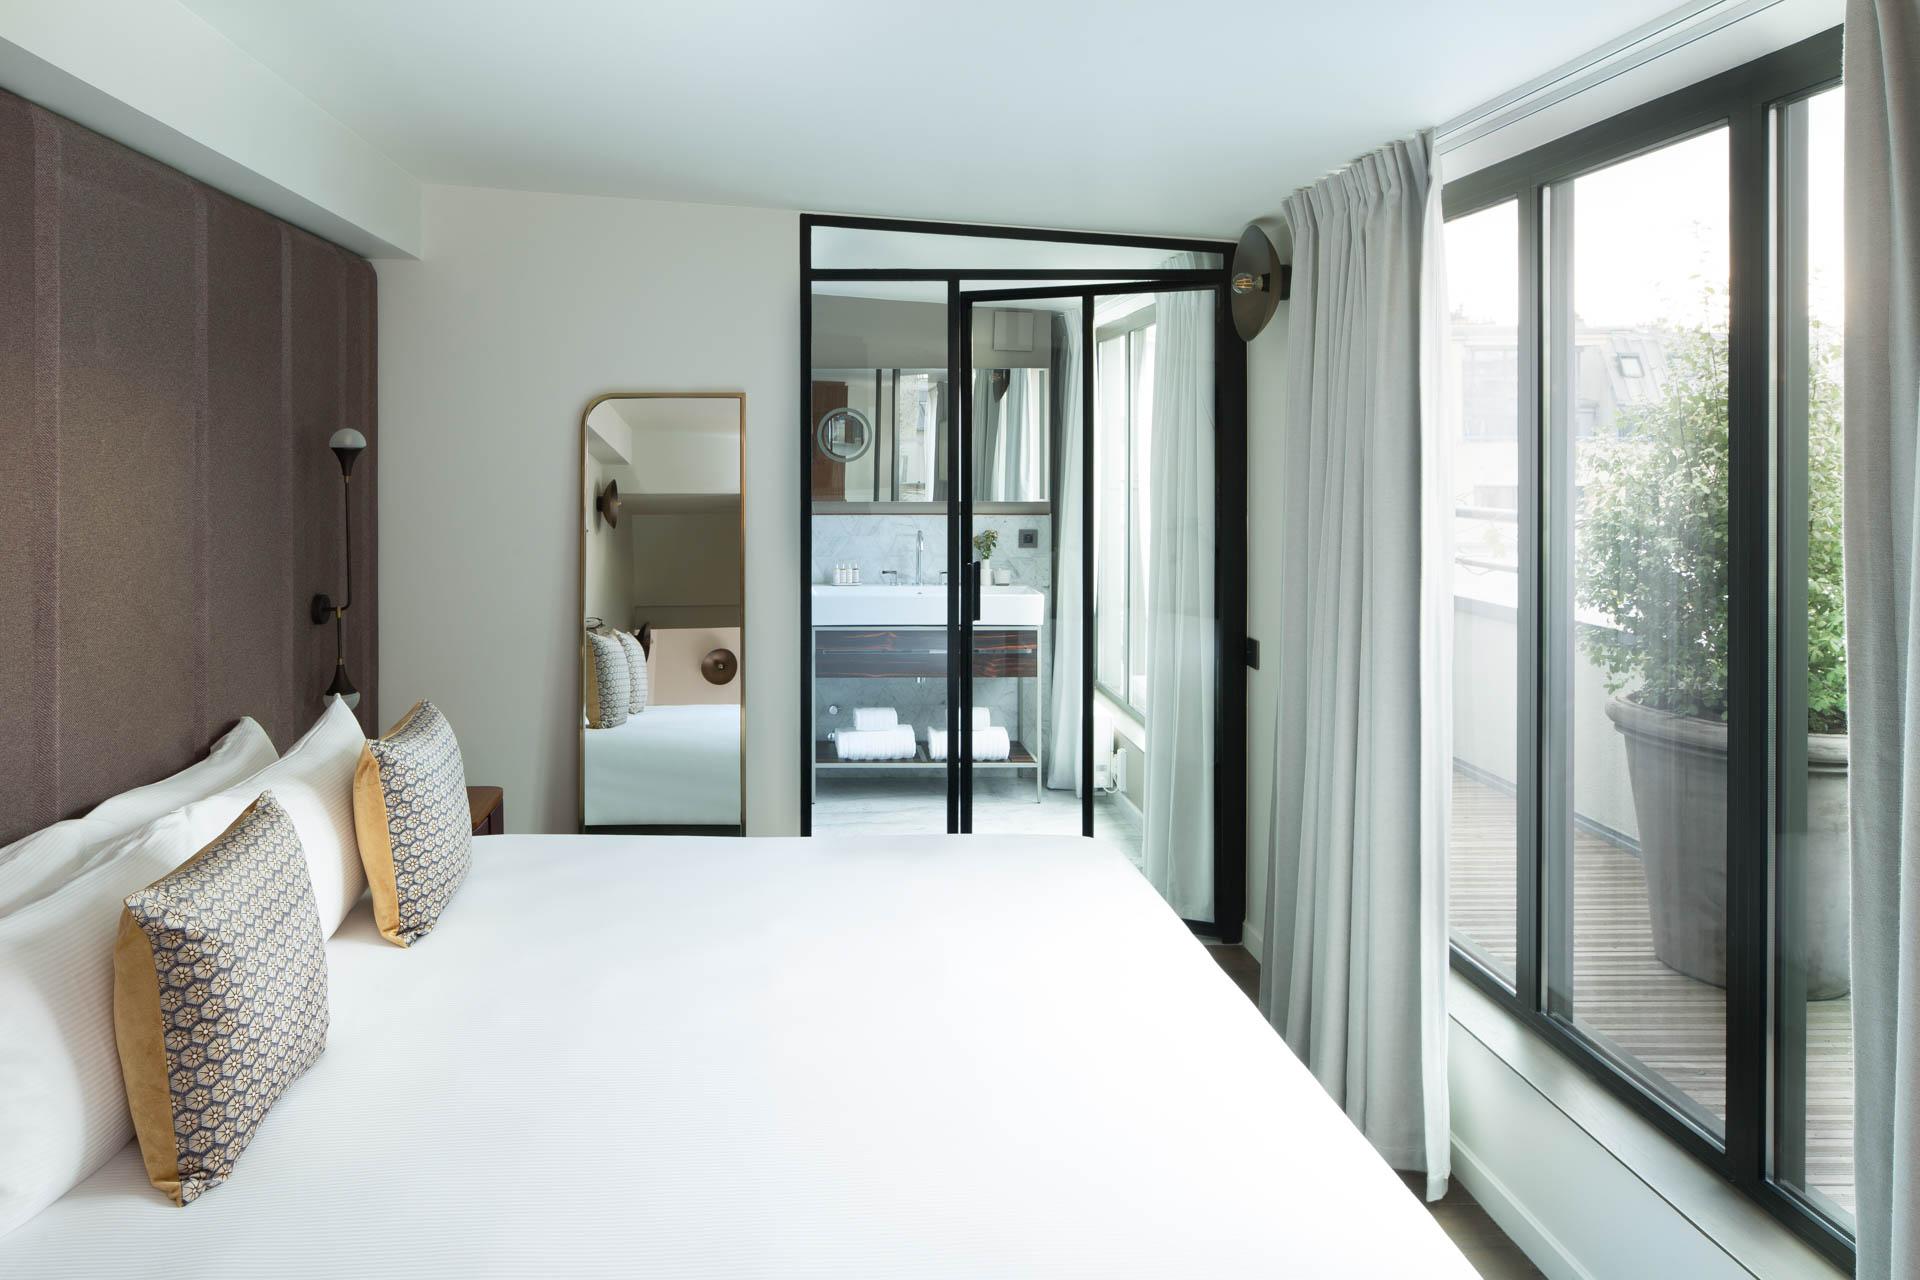 C'est l'ouverture hôtelière de l'hiver à Paris ! À deux pas de la Bastille, la Maison Bréguet s'impose comme le boutique-hôtel le plus abouti de l'Est parisien. Visite guidée d'un 5-étoiles sophistiqué, parfaitement ancré dans son époque.